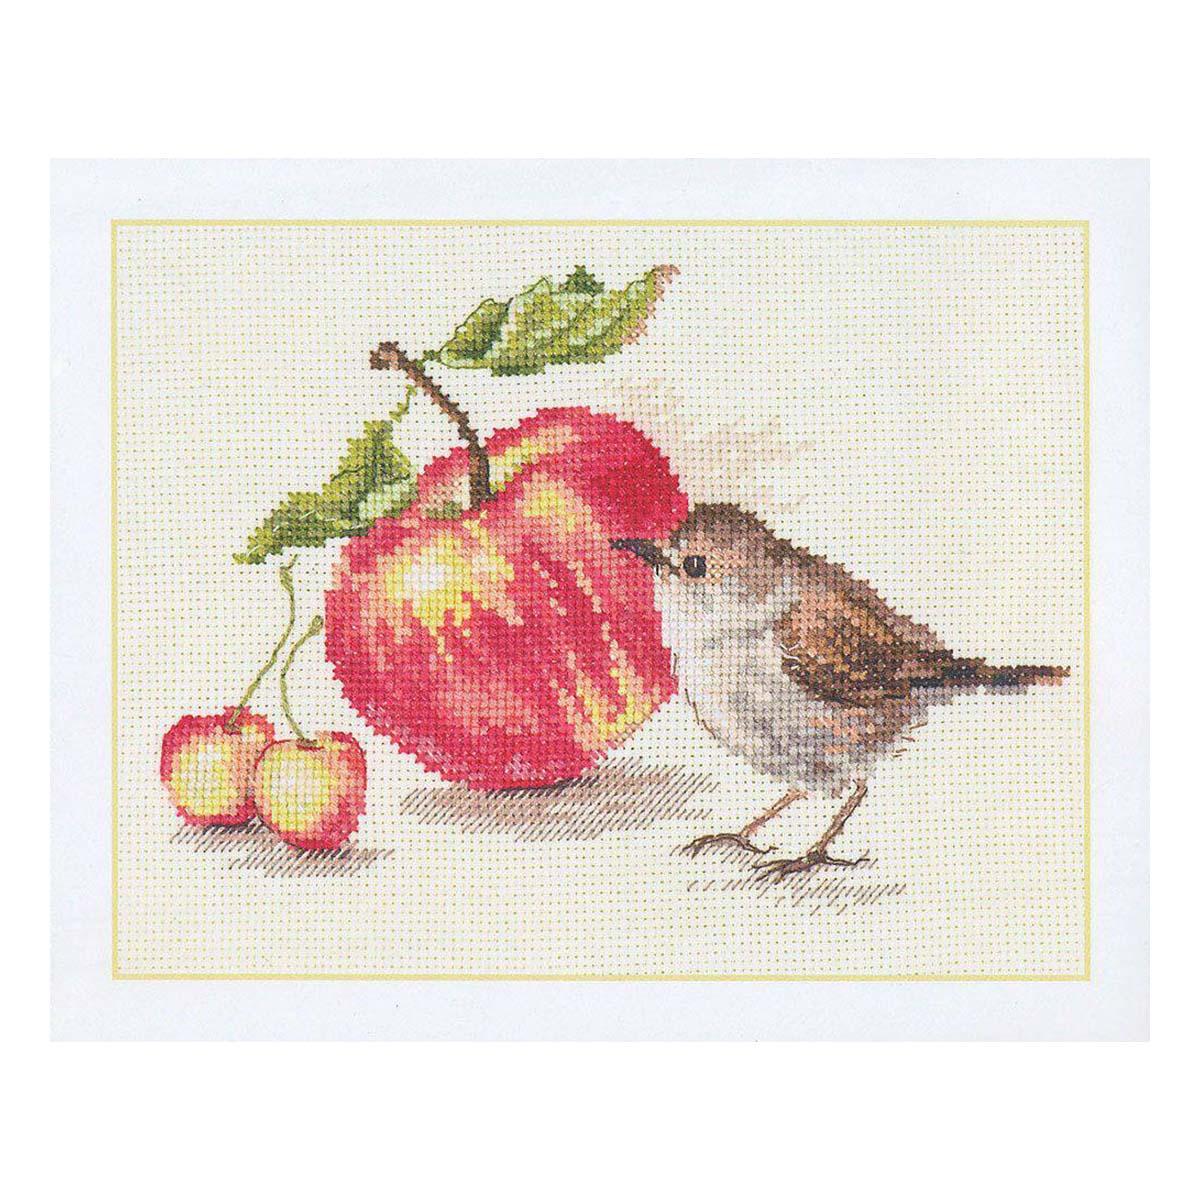 5-22 Набор для вышивания АЛИСА 'Птичка и яблоко' 17*11см